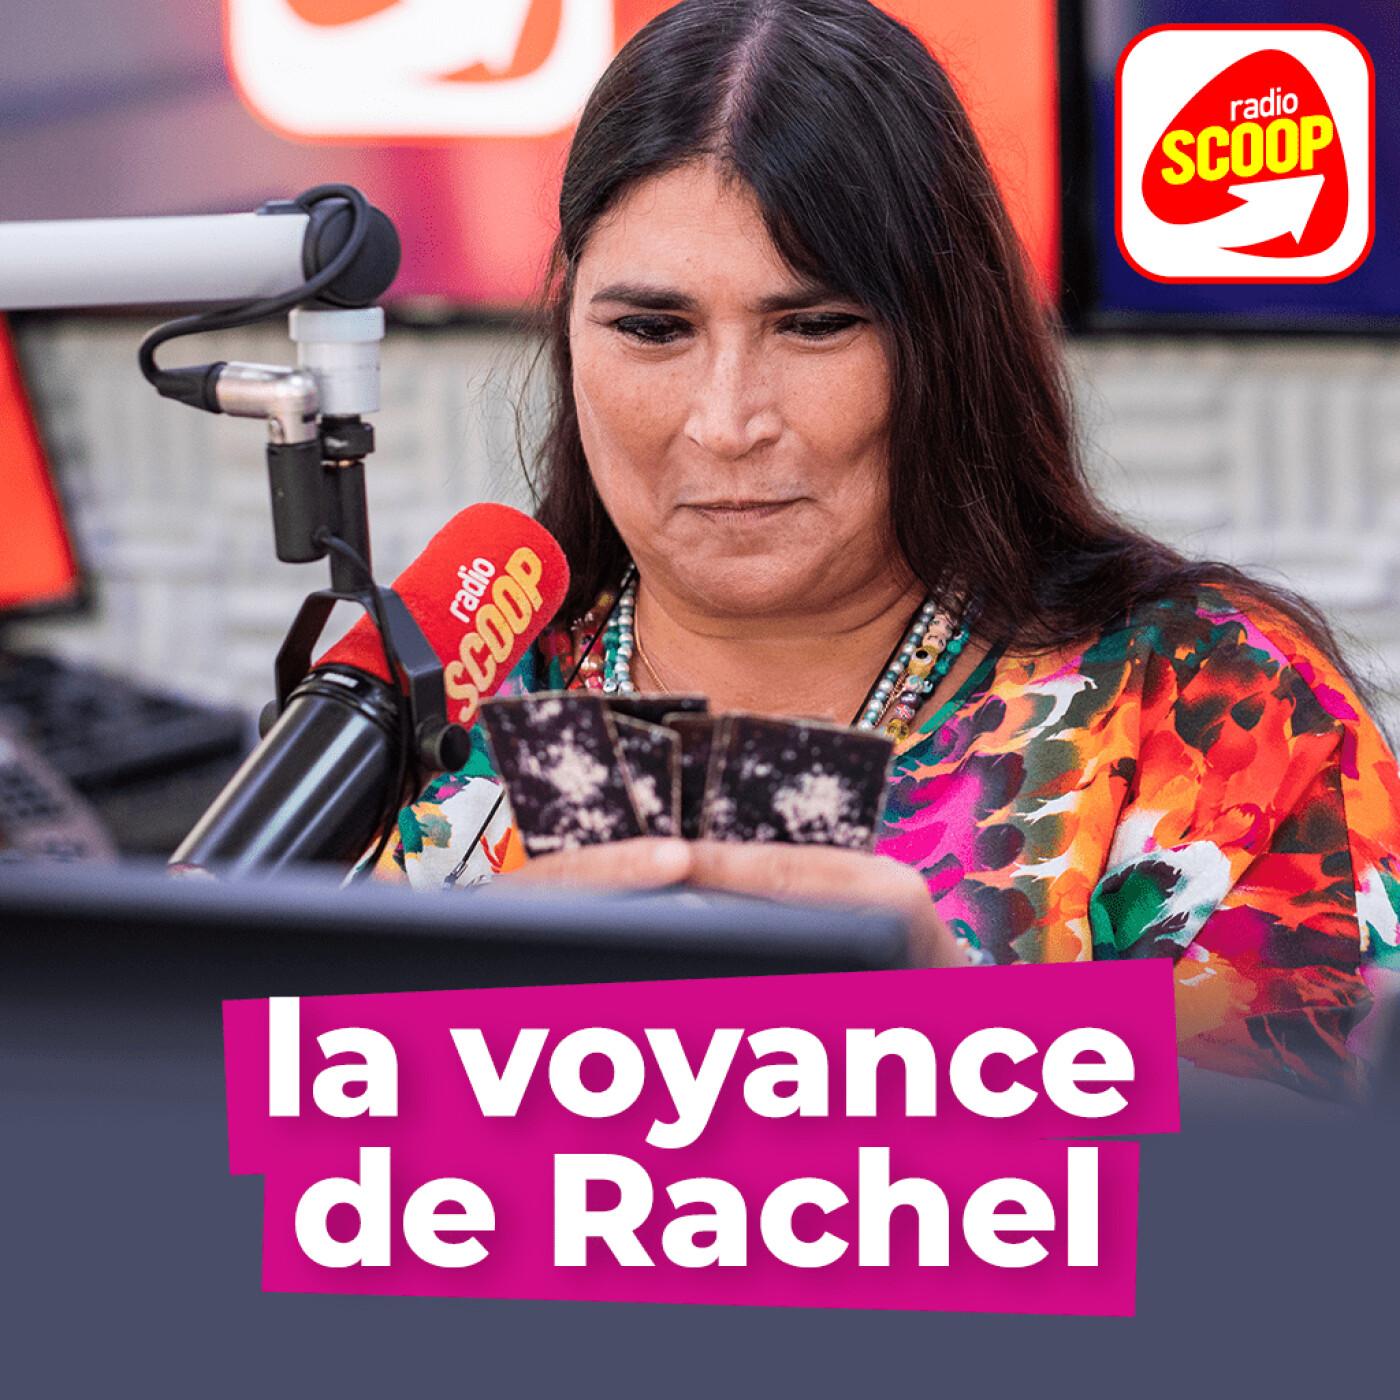 La Voyance de Rachel - Radio SCOOP